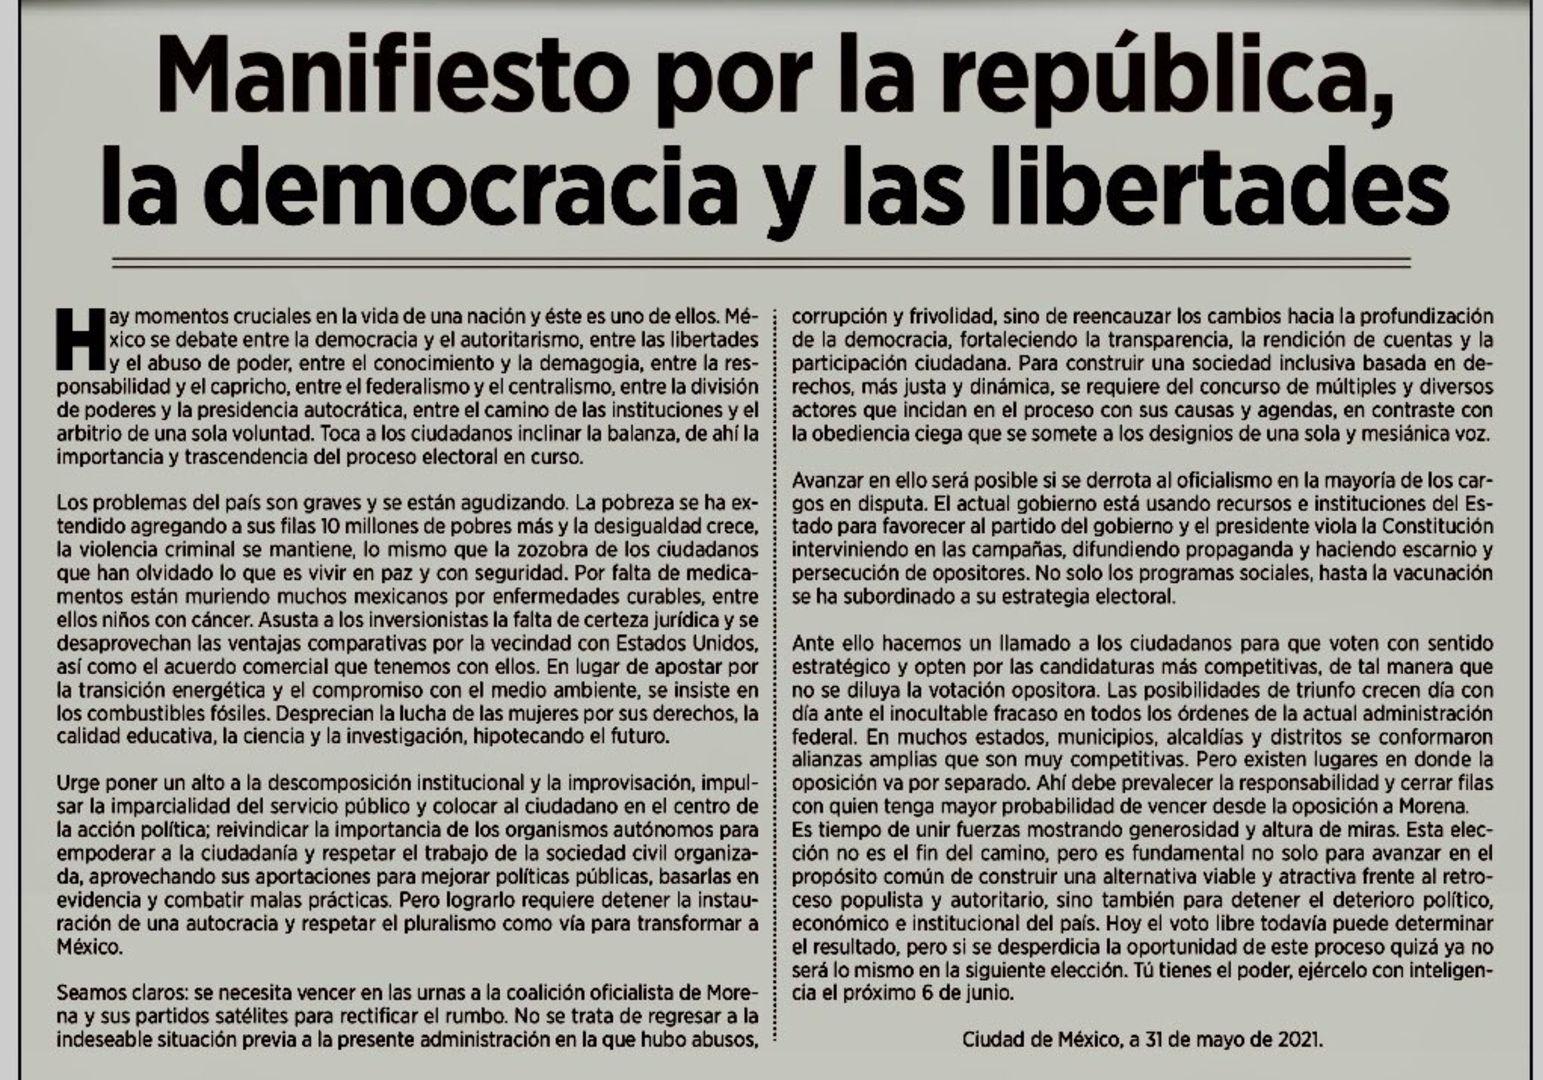 Desplegado contra Morena de cara a las elecciones del 6 de junio del 2021 (Foto: Twitter / @malvafg)